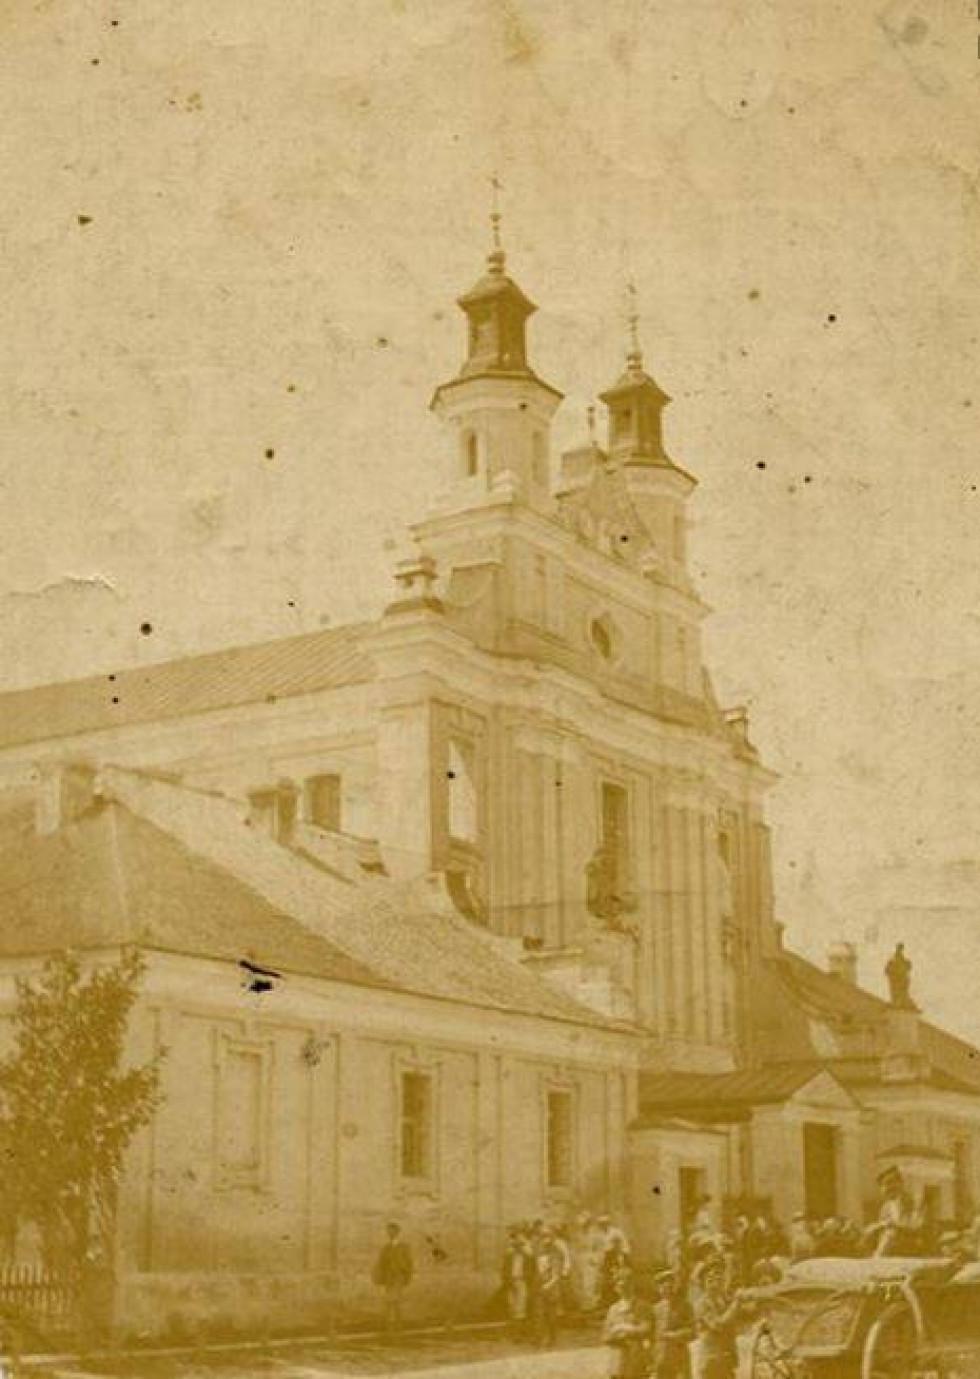 Костел в Порицьку, поч. ХХ ст